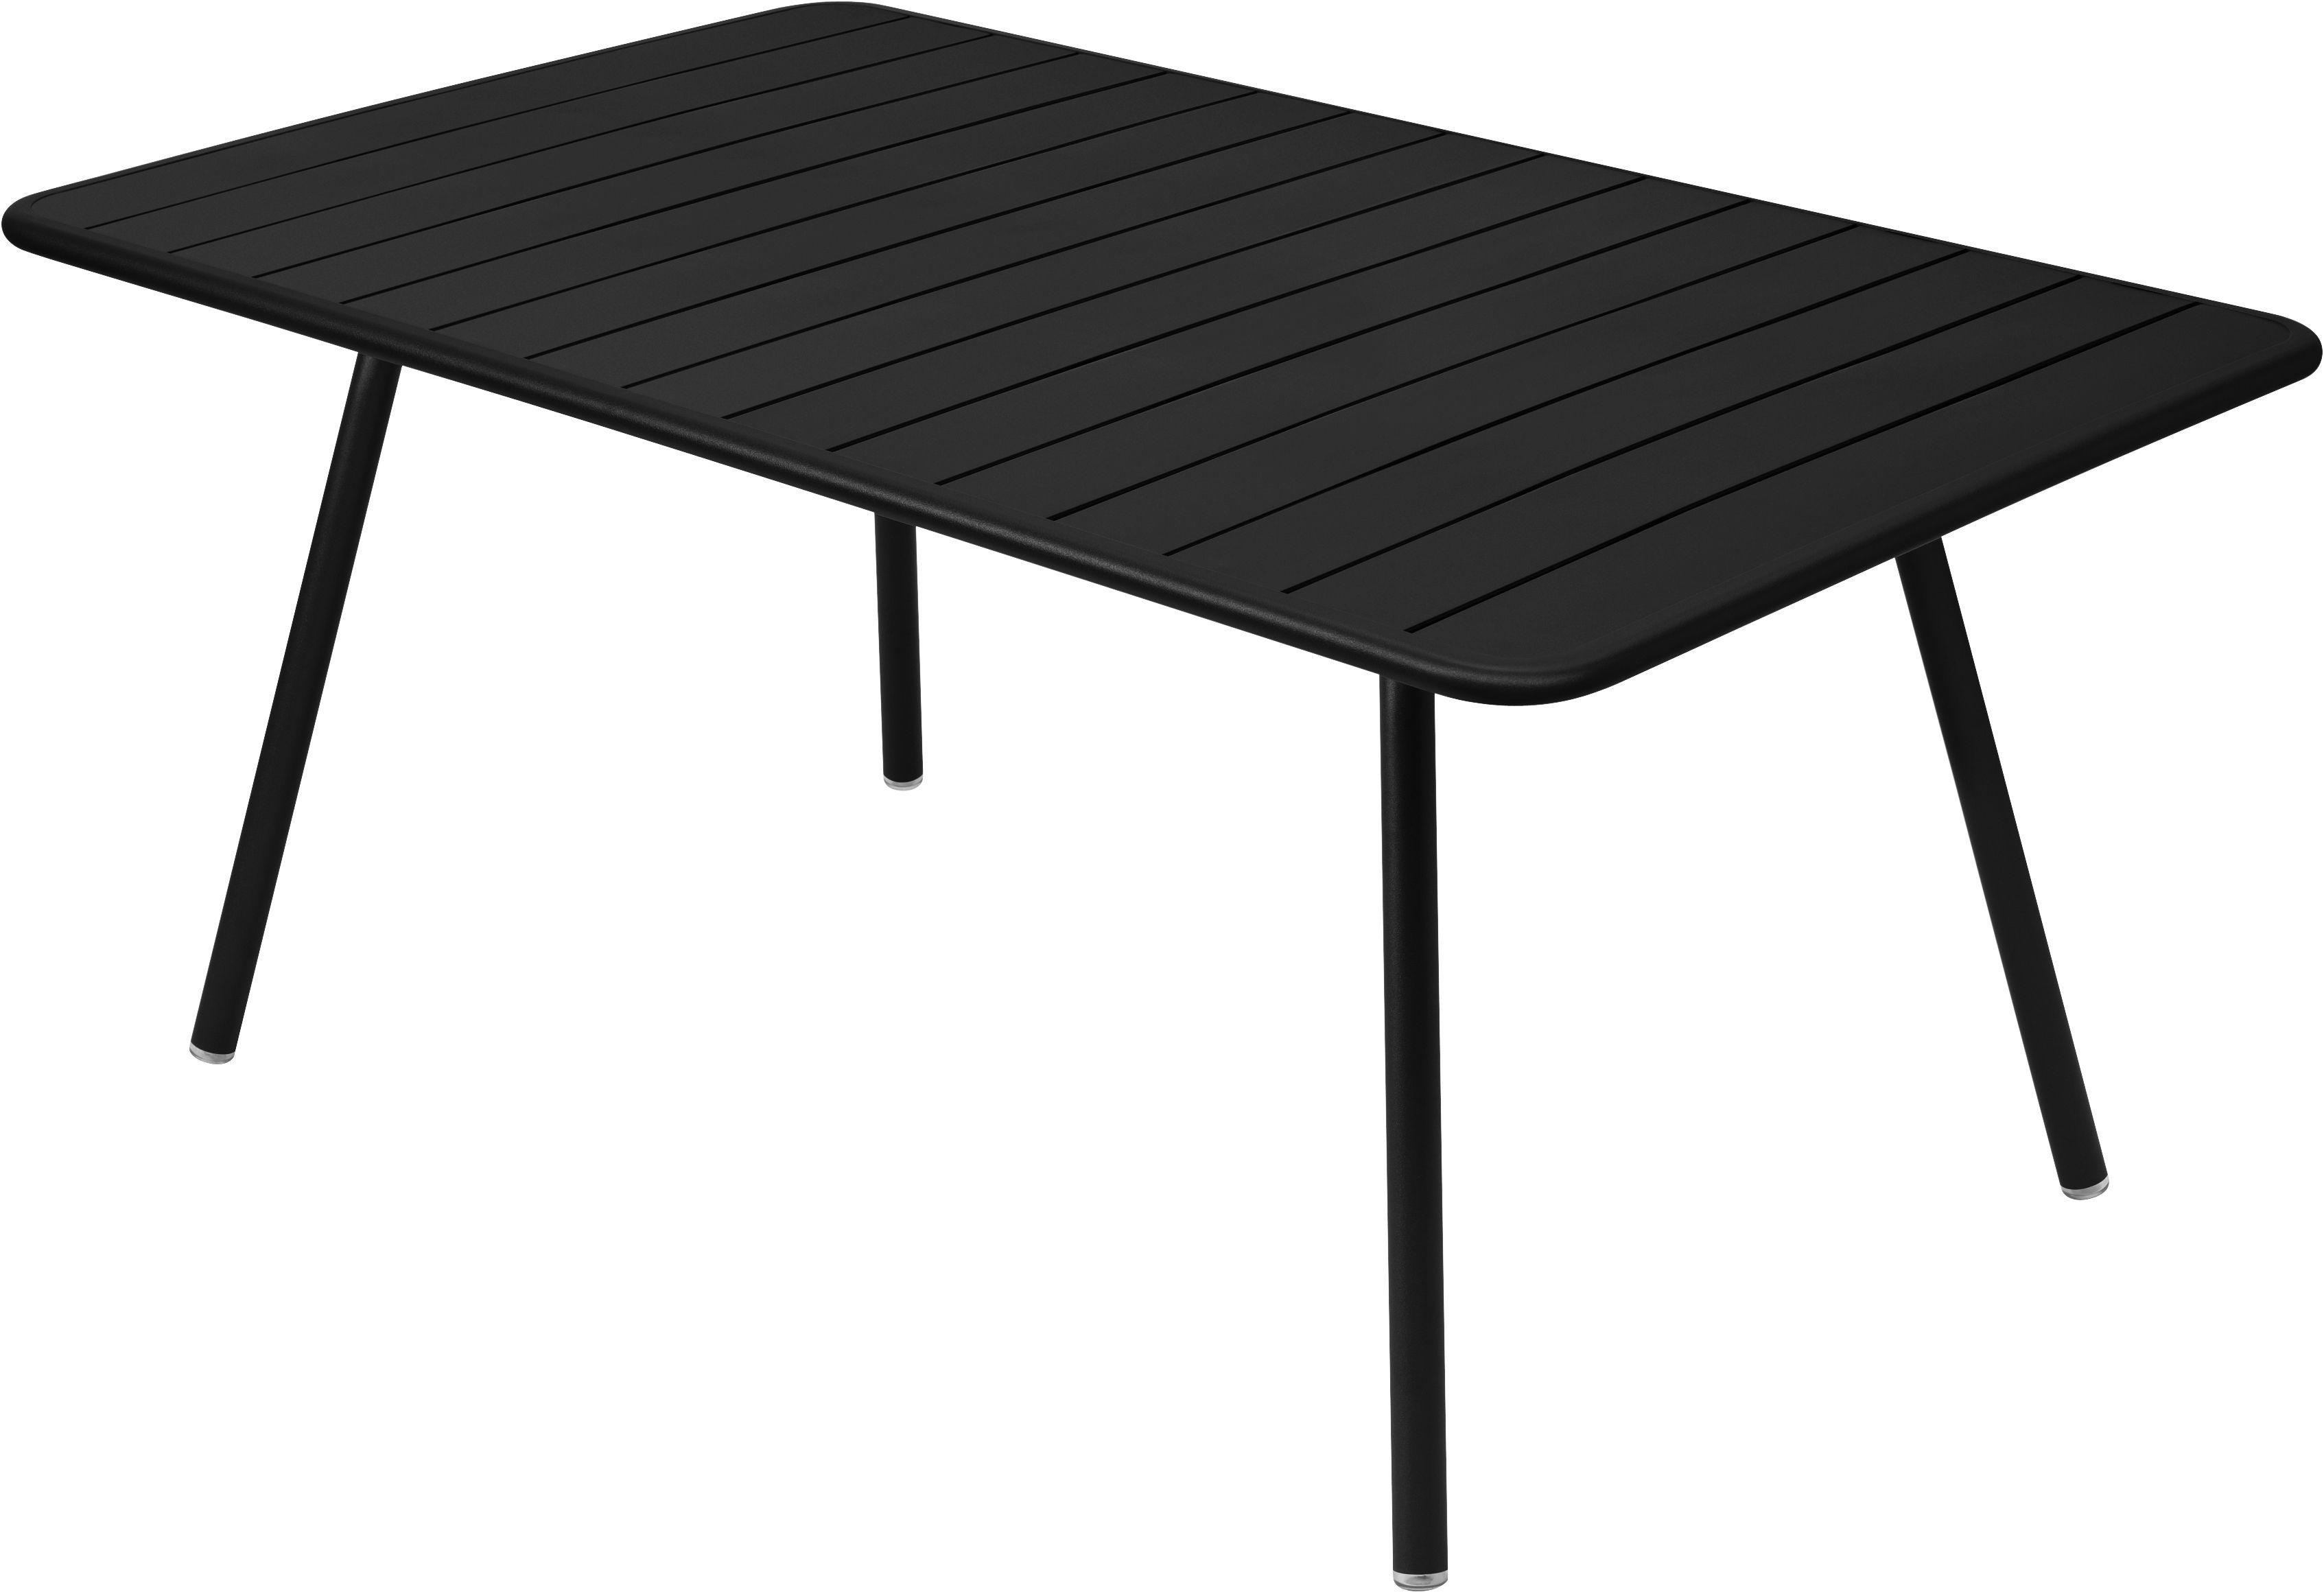 Outdoor - Tische - Luxembourg rechteckiger Tisch / für 6 bis 8 Personen - 165 x 100 cm - Fermob - Lakritze - lackiertes Aluminium